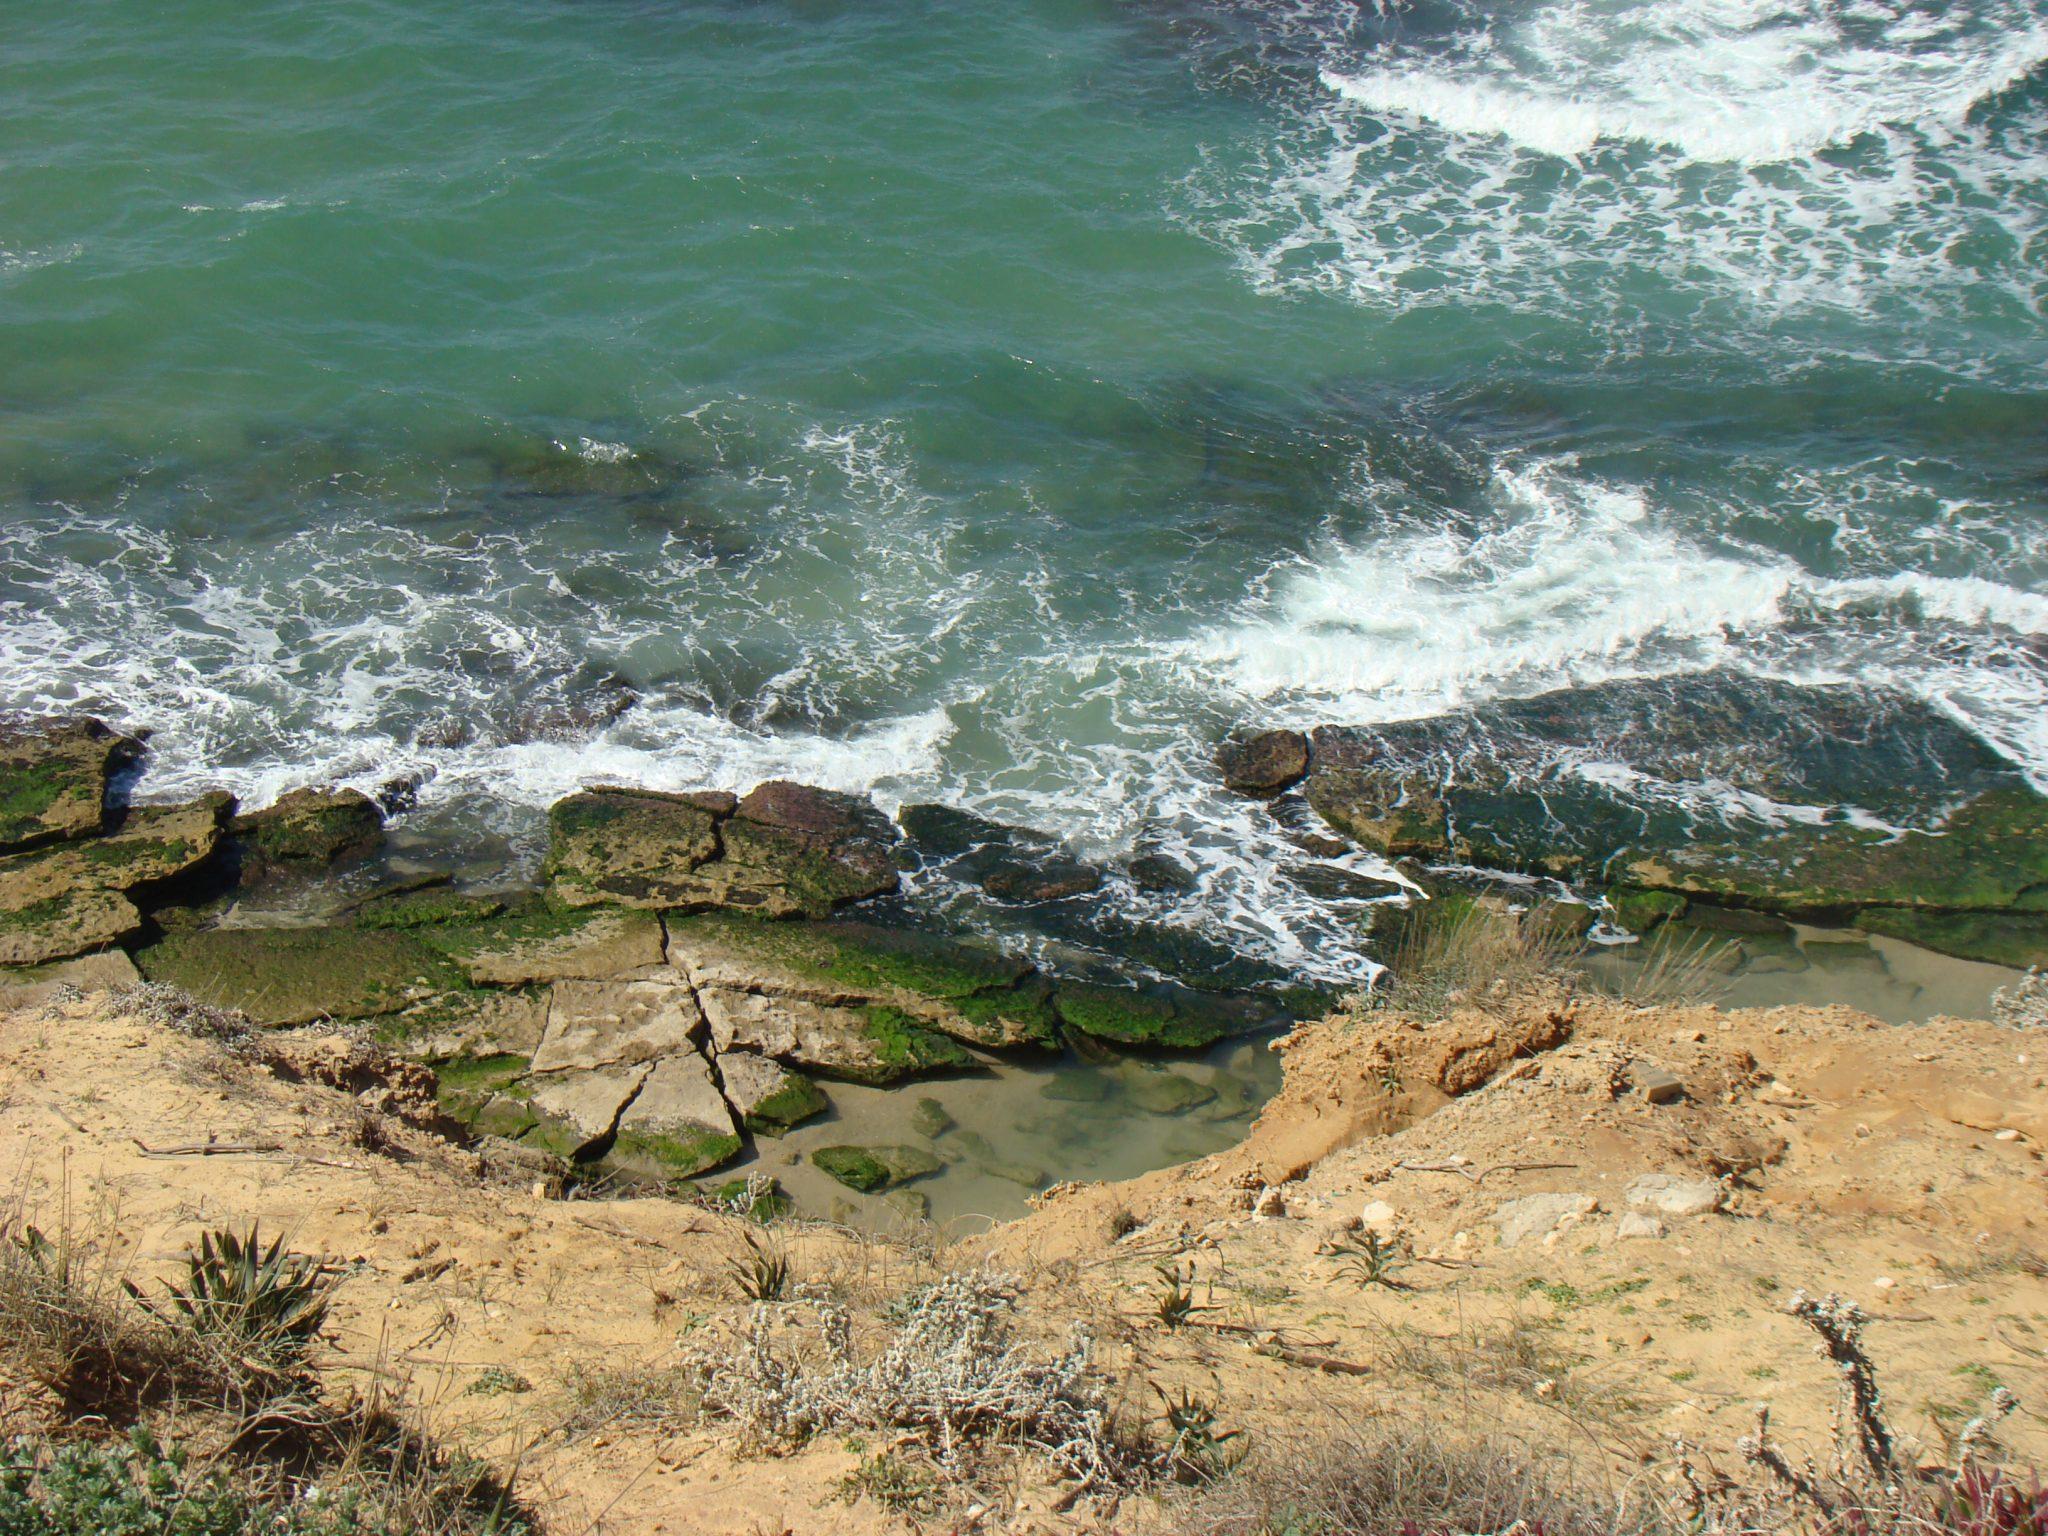 טבלות גידוד ימי, גן לאומי פארק חוף השרון